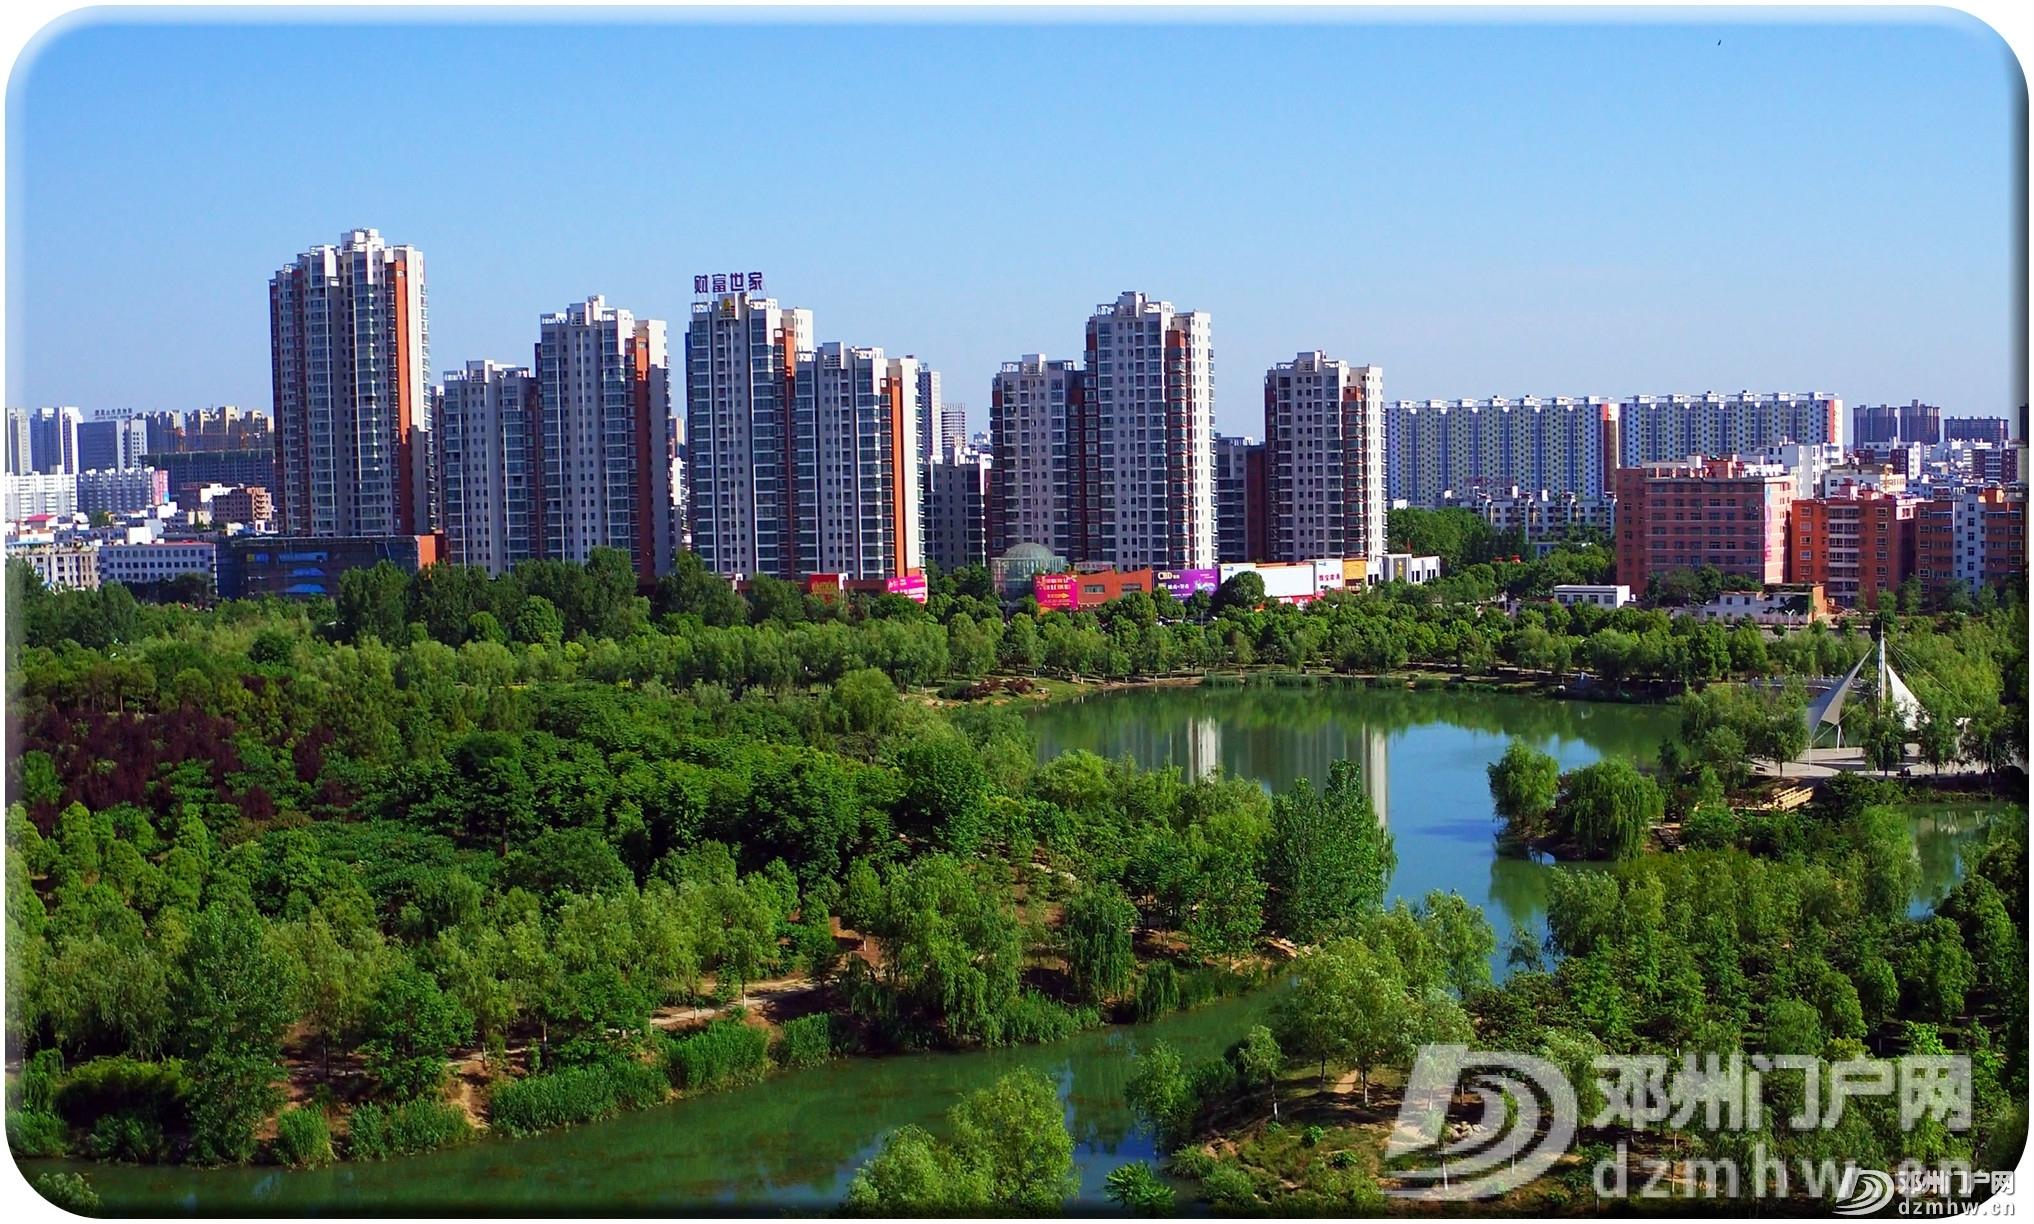 我叫邓州,这是我的最新简历,2020年,请多关照! - 邓州门户网|邓州网 - 7cf0f521be1fe00f6ca31b5d75d25f1c.jpg